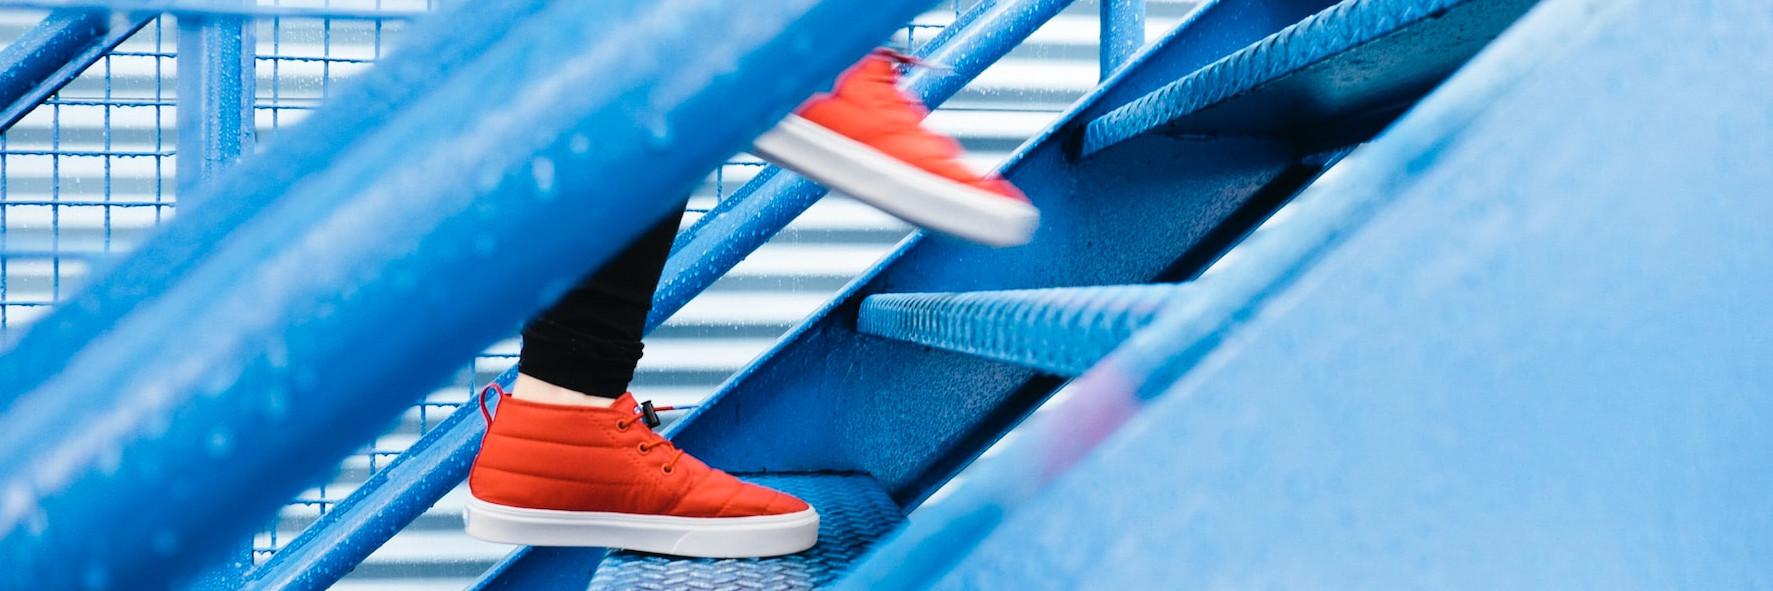 Berufliche Rolle, Führungsverhalten, neue Aufgaben oder Kommunikationscoaching: Bringen Sie jetzt mit Business Coaching Dinge in Bewegung! Das Bild zeigt rote Turnschuhe, die auf einer Treppe nach oben gehen.